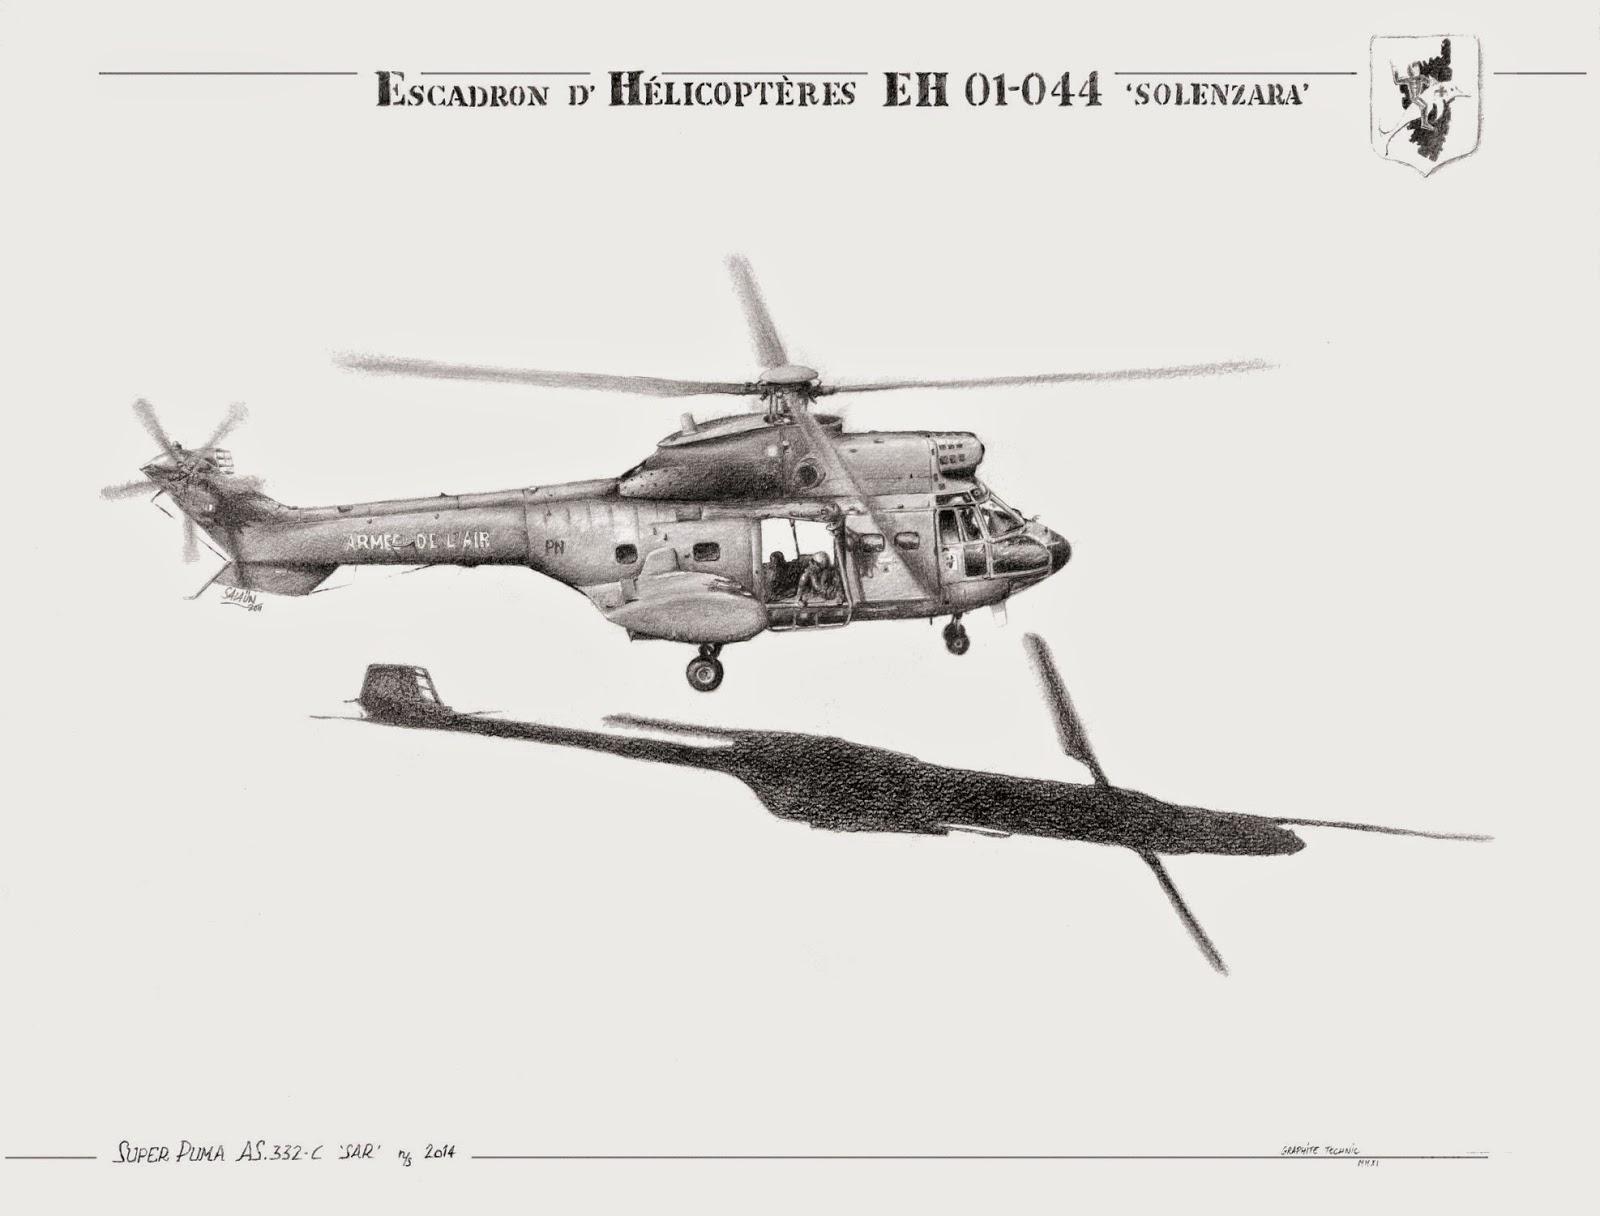 AS-332 C 'Super-Puma'